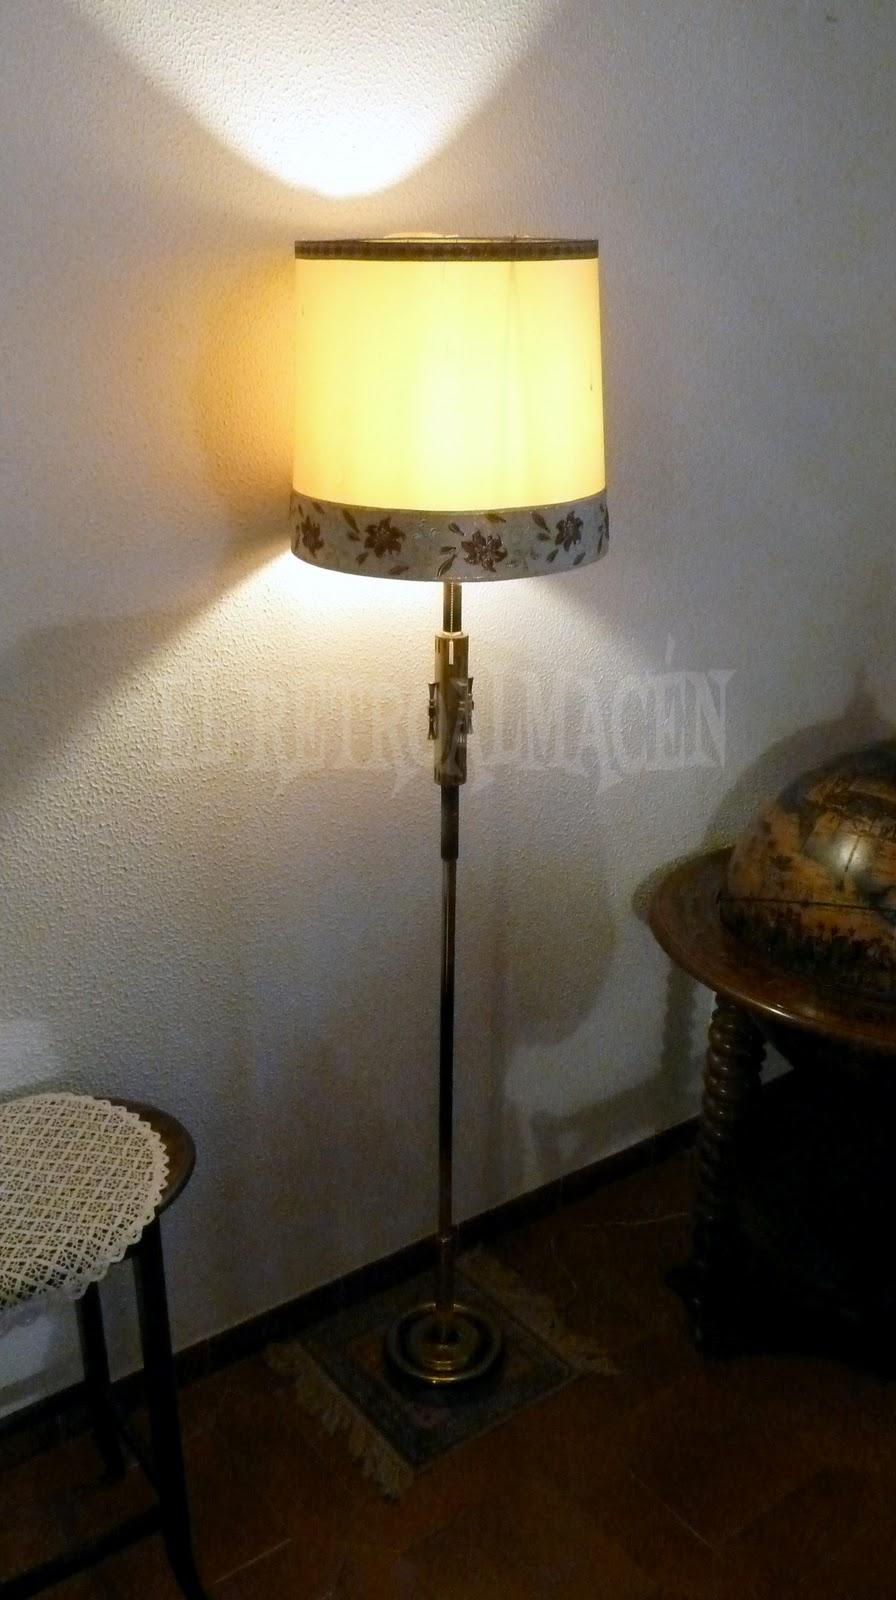 Retroalmacen tienda online de antig edades vintage y decoraci n lampara de pie antigua en - Lampara de pie vintage ...